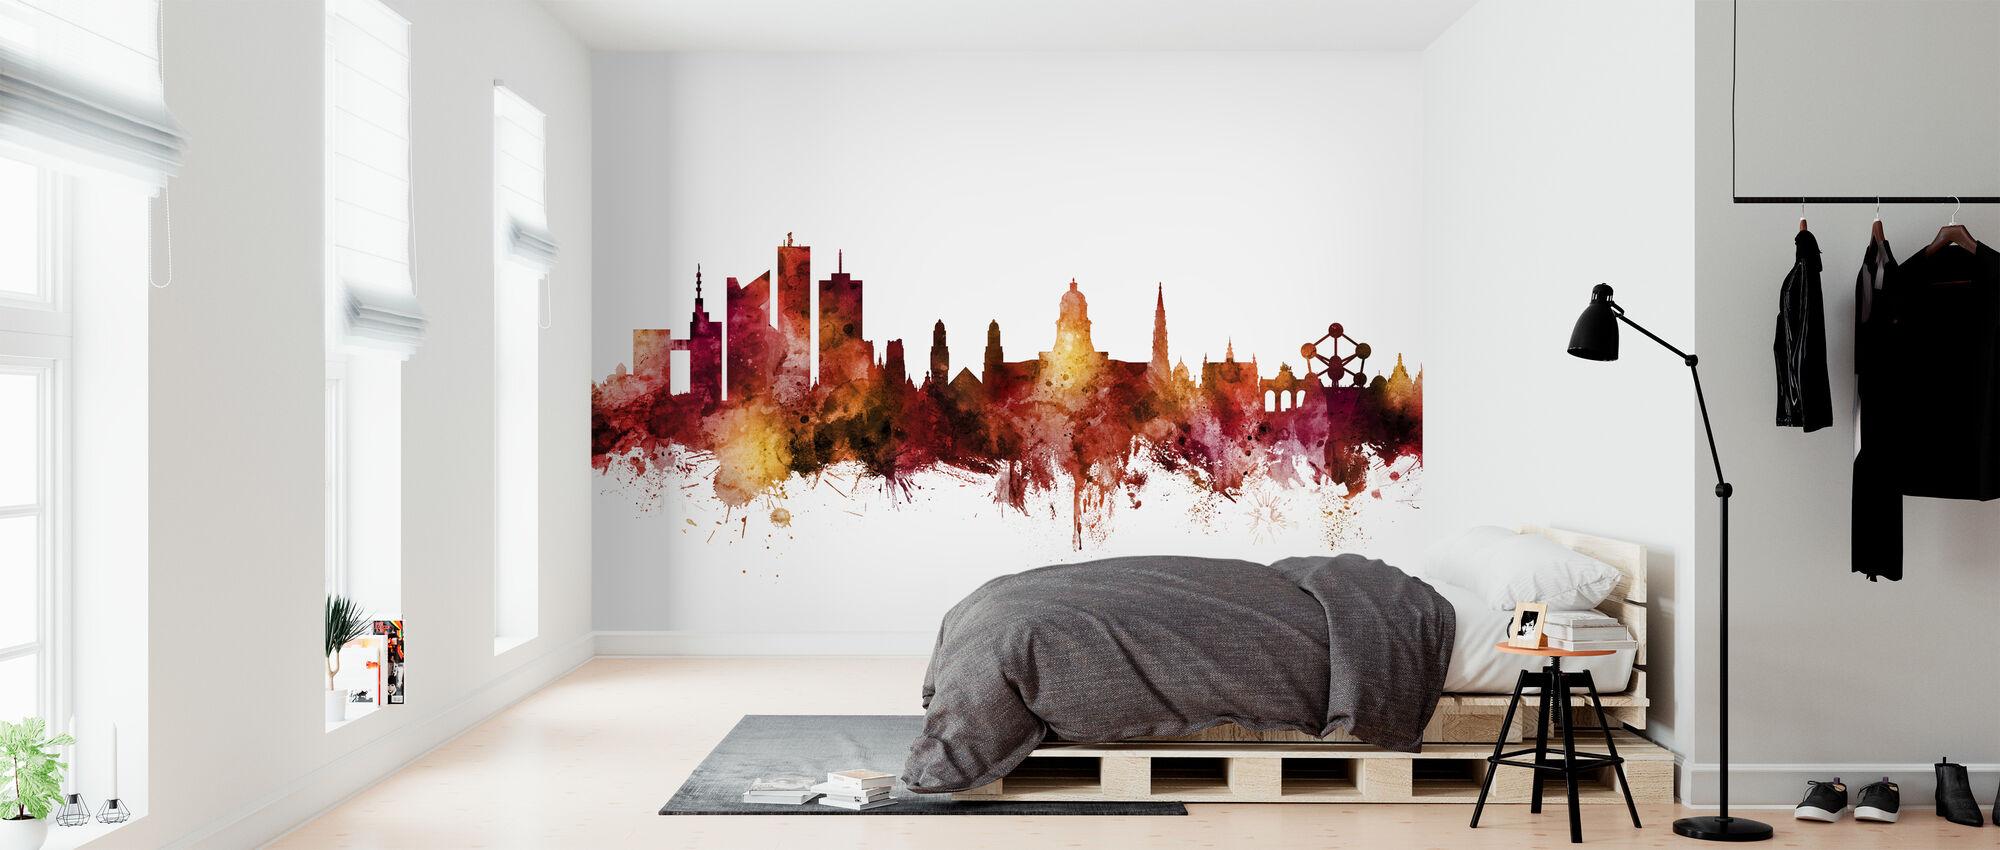 Brussels Belgium Skyline - Wallpaper - Bedroom